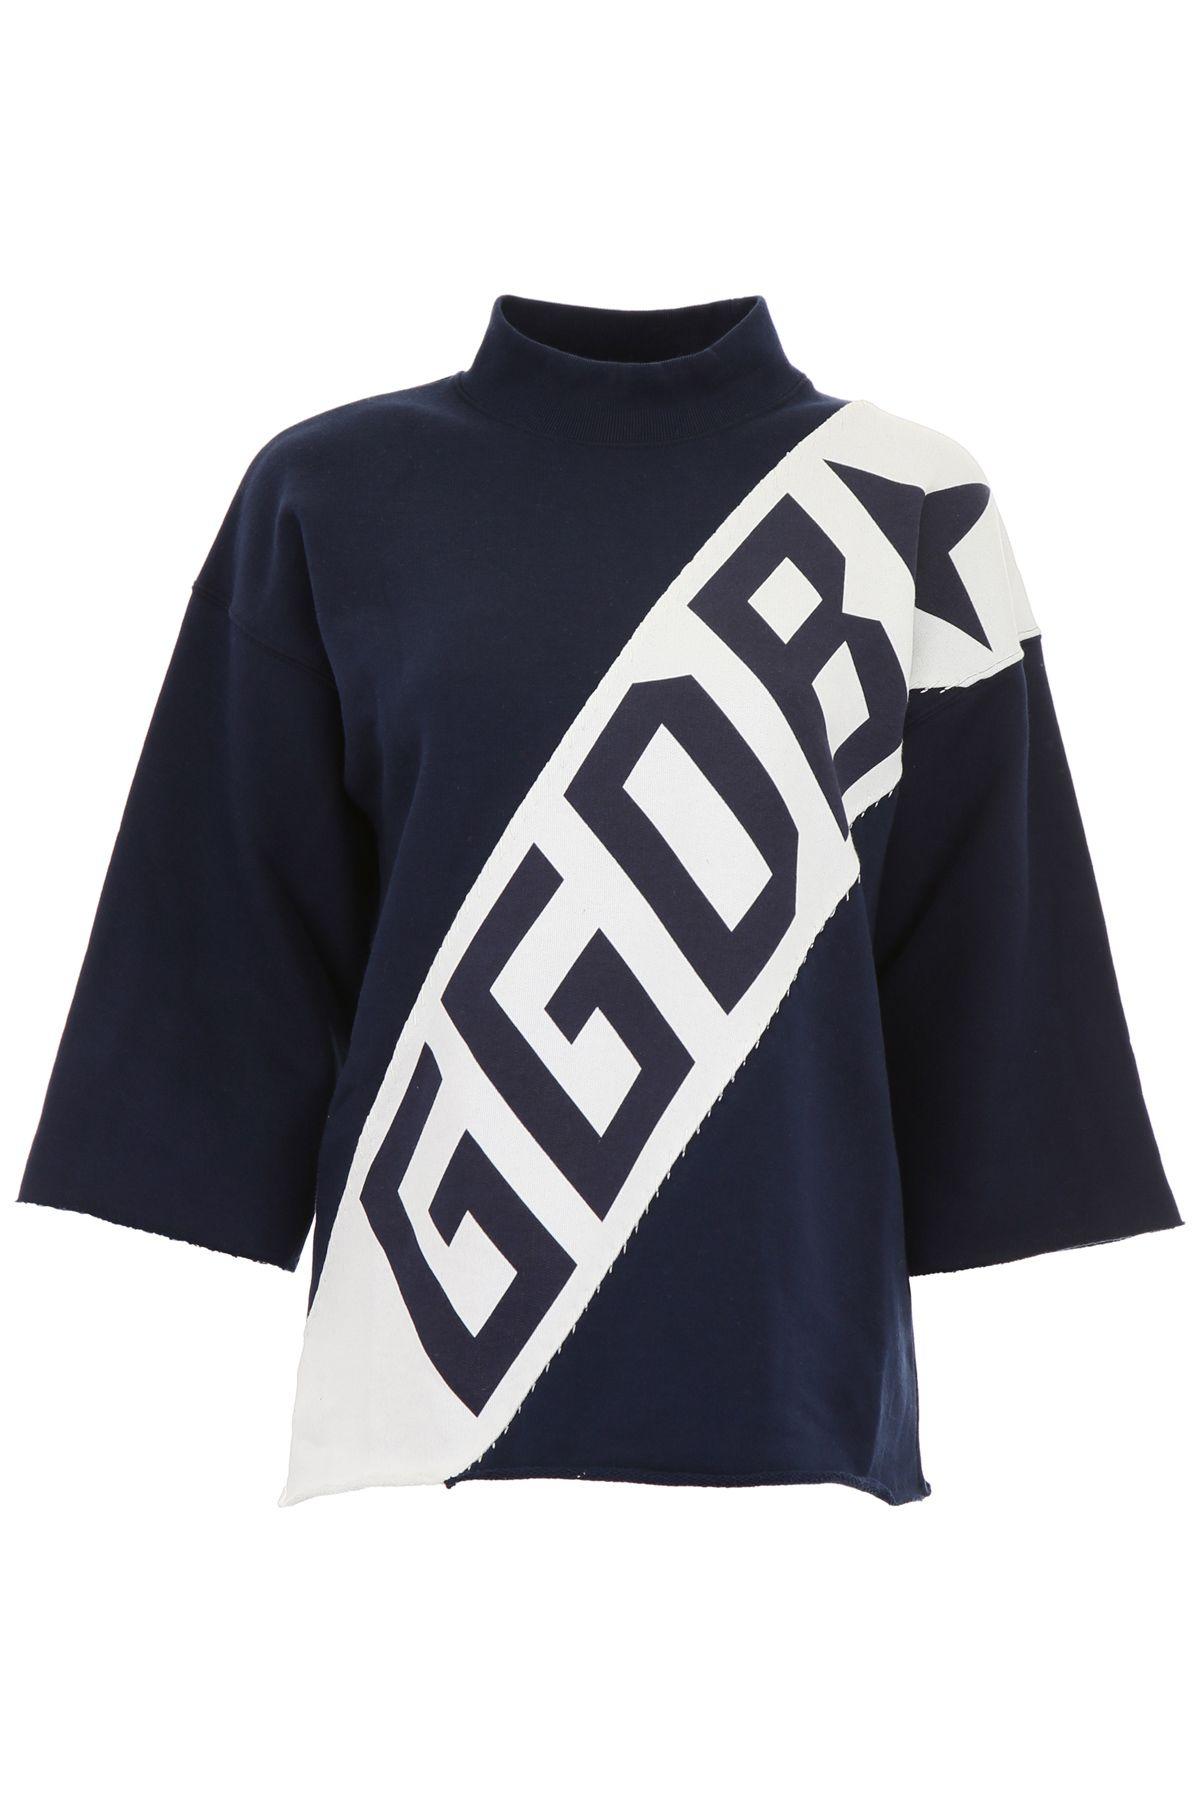 Ggdb Logo Sweater in Dark Navy Ggdb